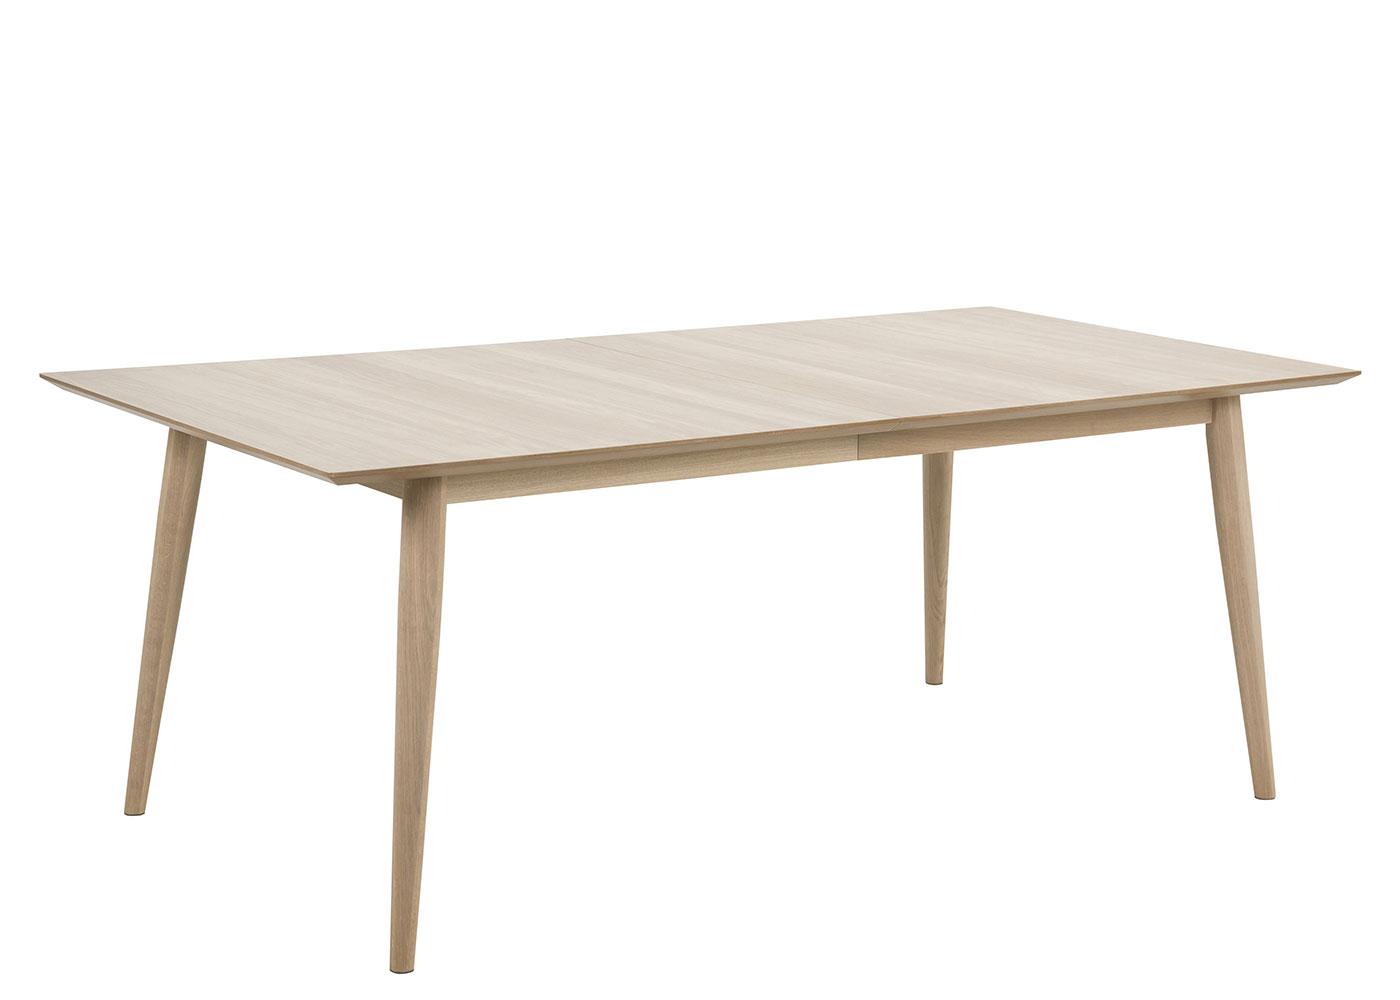 Jídelní stůl Delica, 200 cm